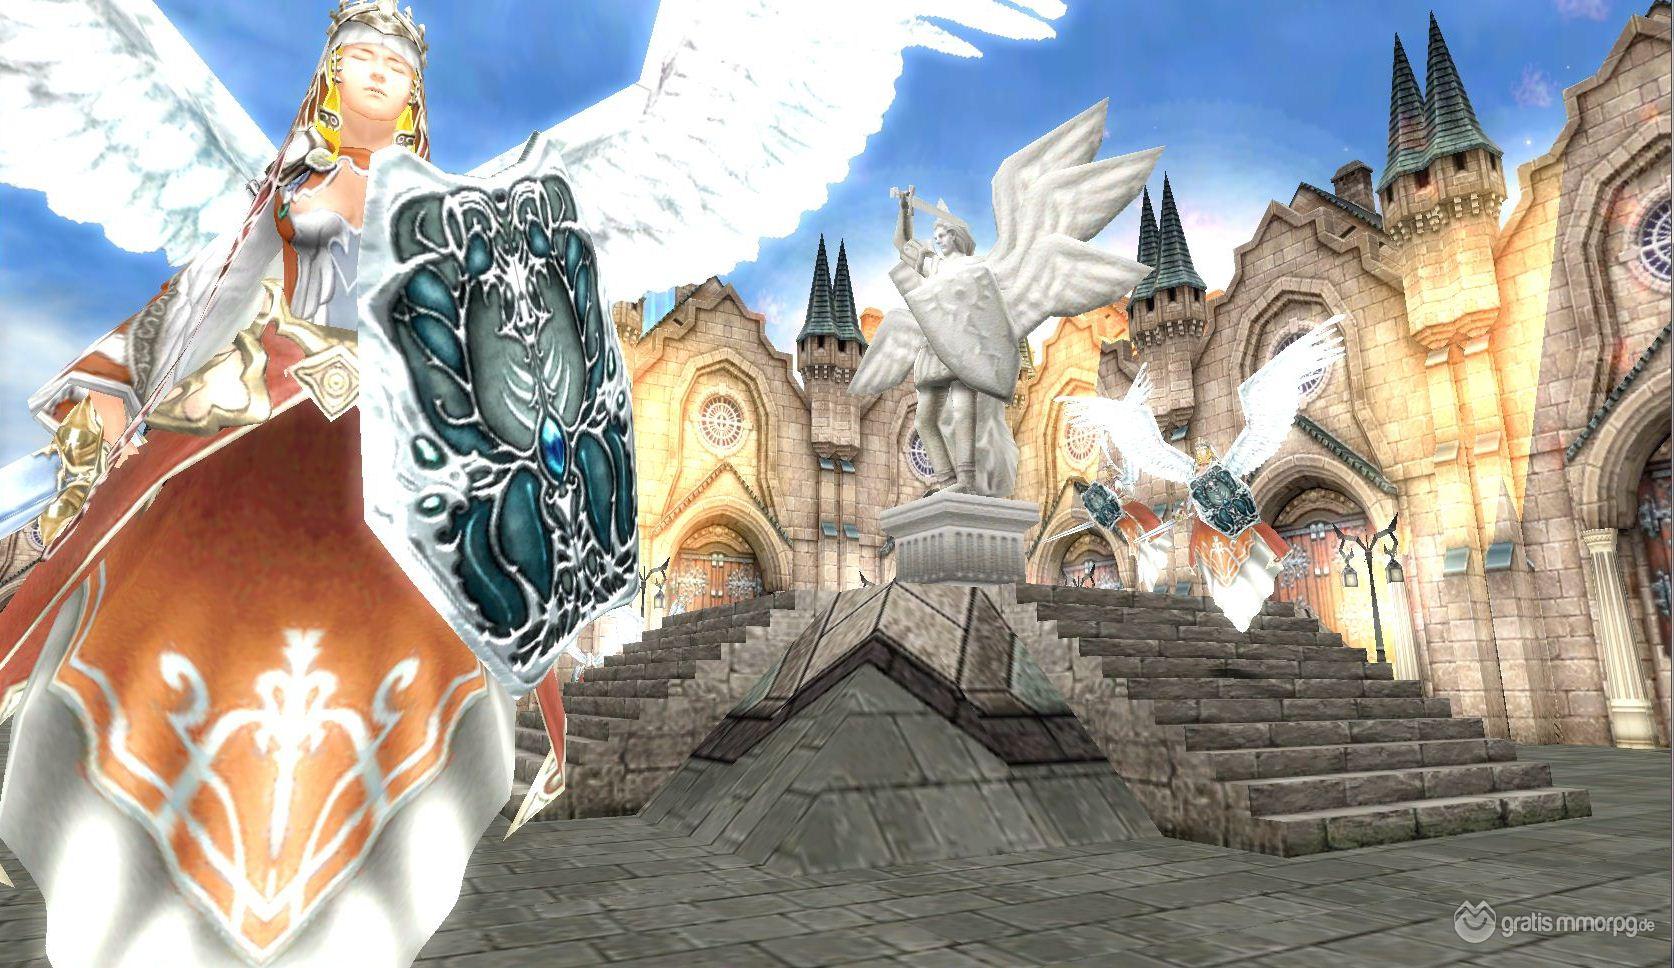 Klicke auf die Grafik für eine größere AnsichtName:King of Kings 3 Moon Goddess 1.jpgHits:60Größe:303,9 KBID:5207